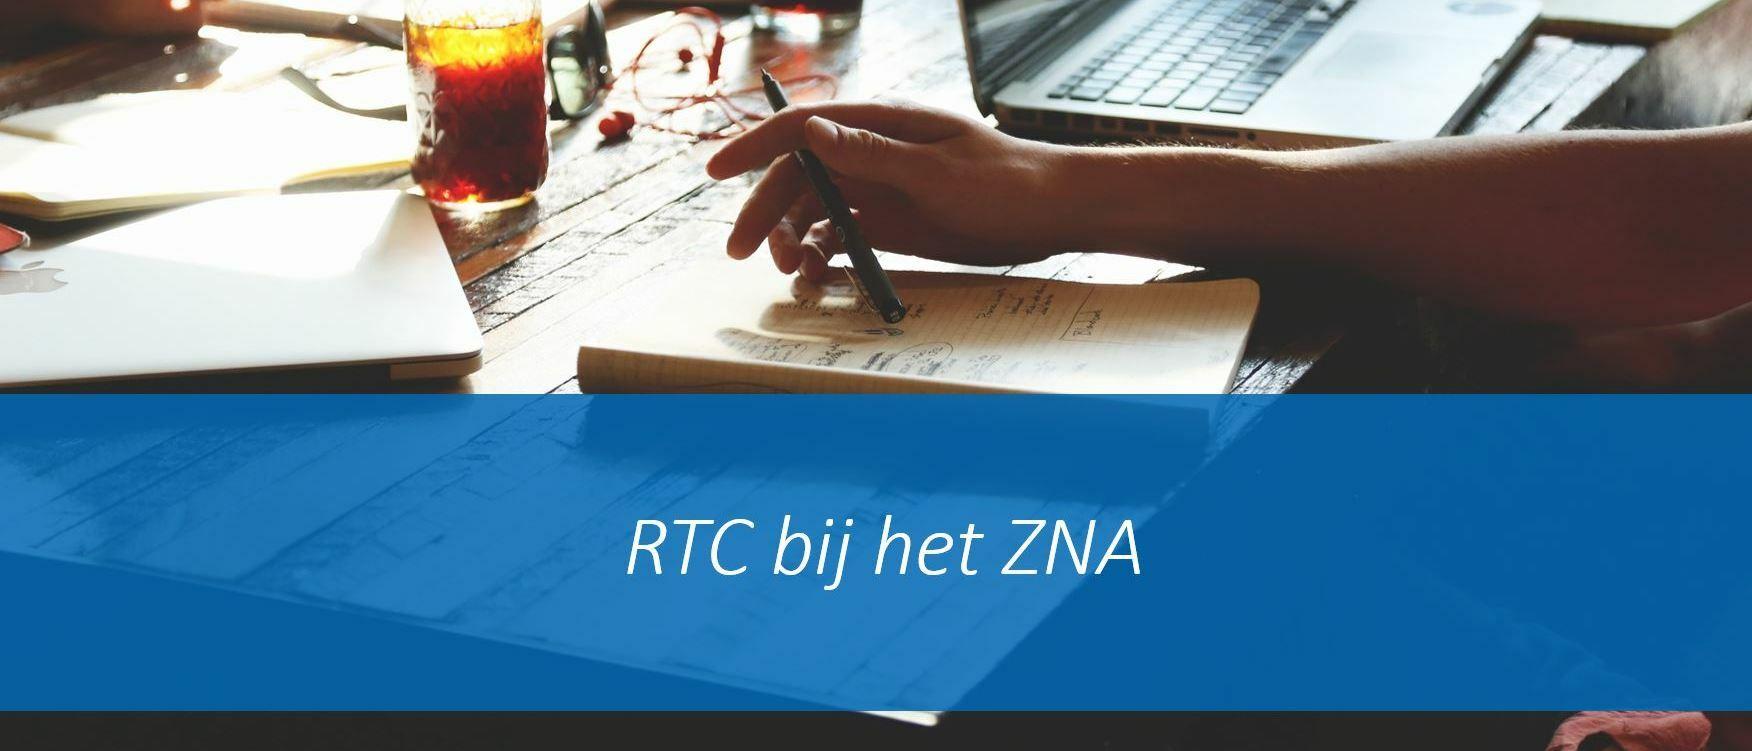 RTC bij het ZNA (Ziekenhuis Netwerk Antwerpen) over het inzetten van iCheck vragenlijsten